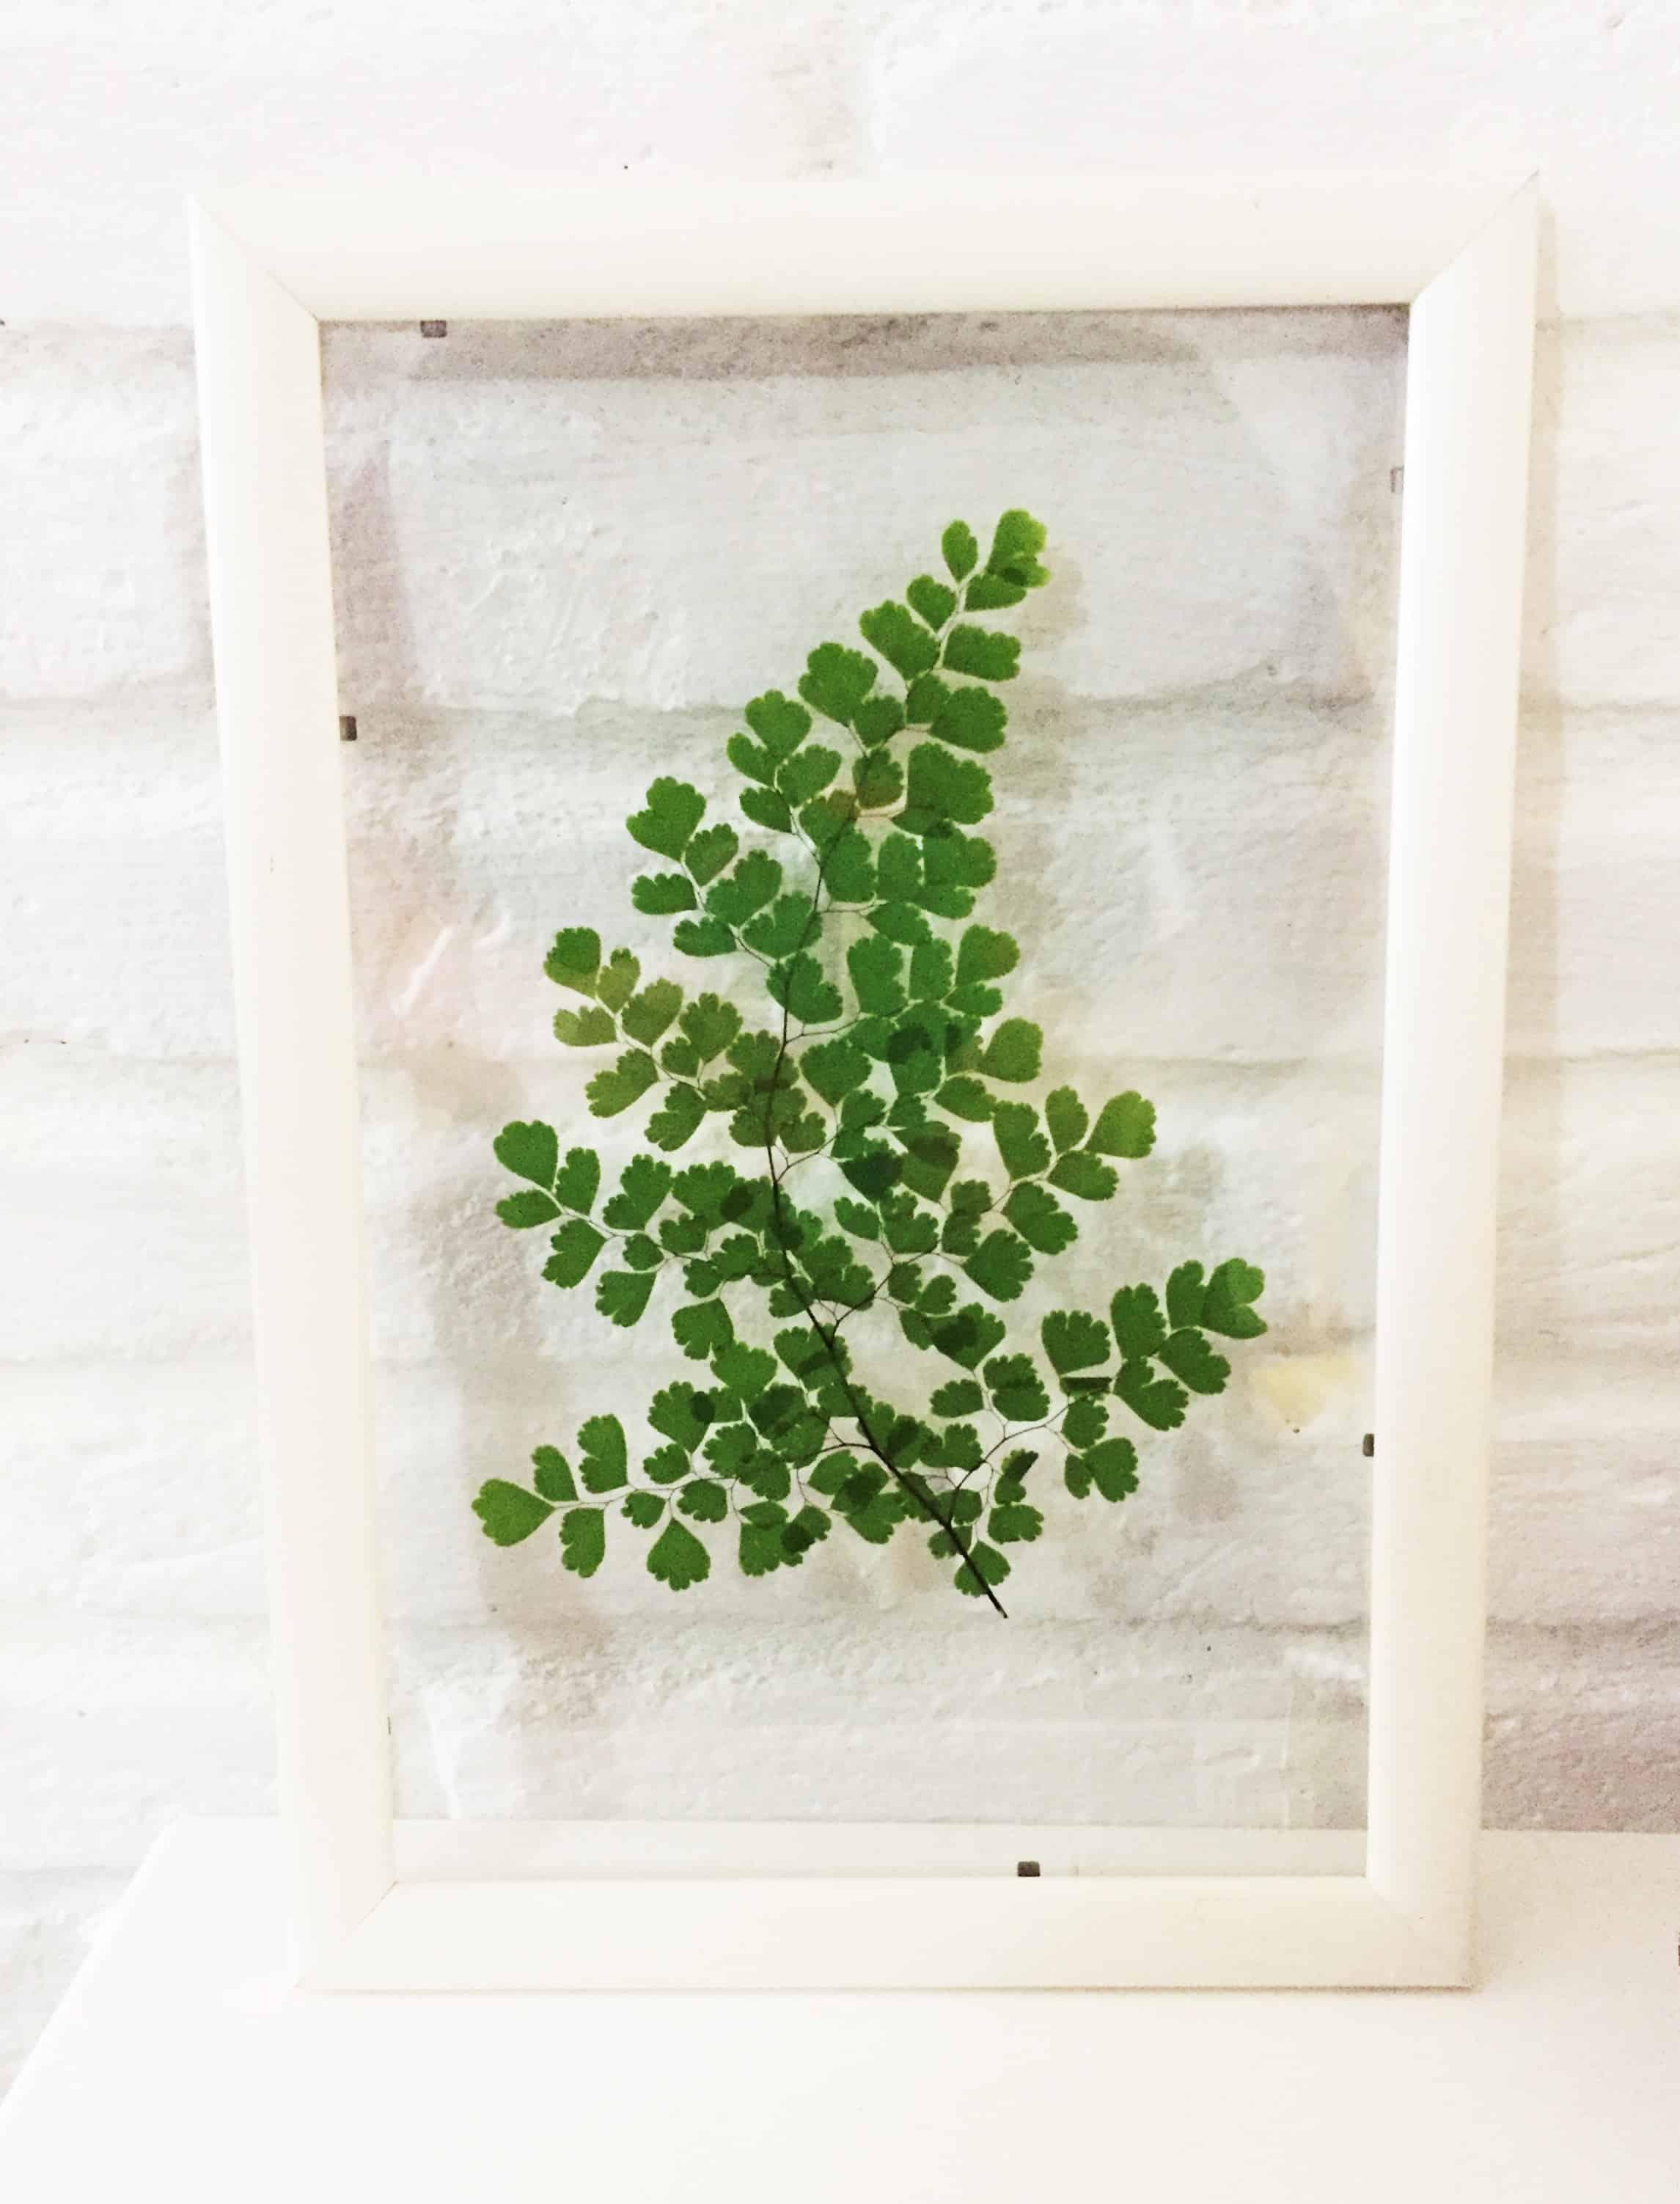 quadro de folha natural